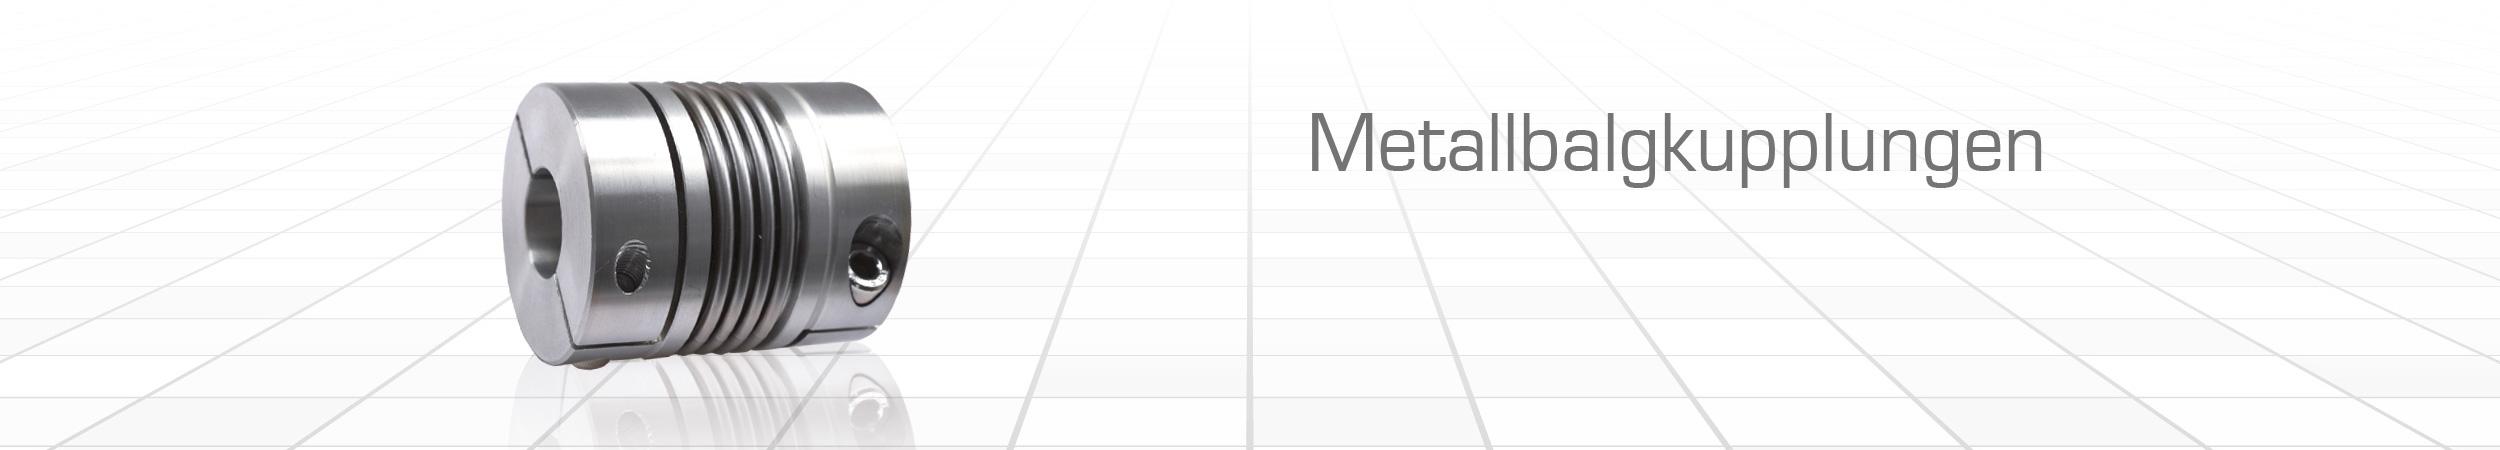 Metallbalgkupplungen